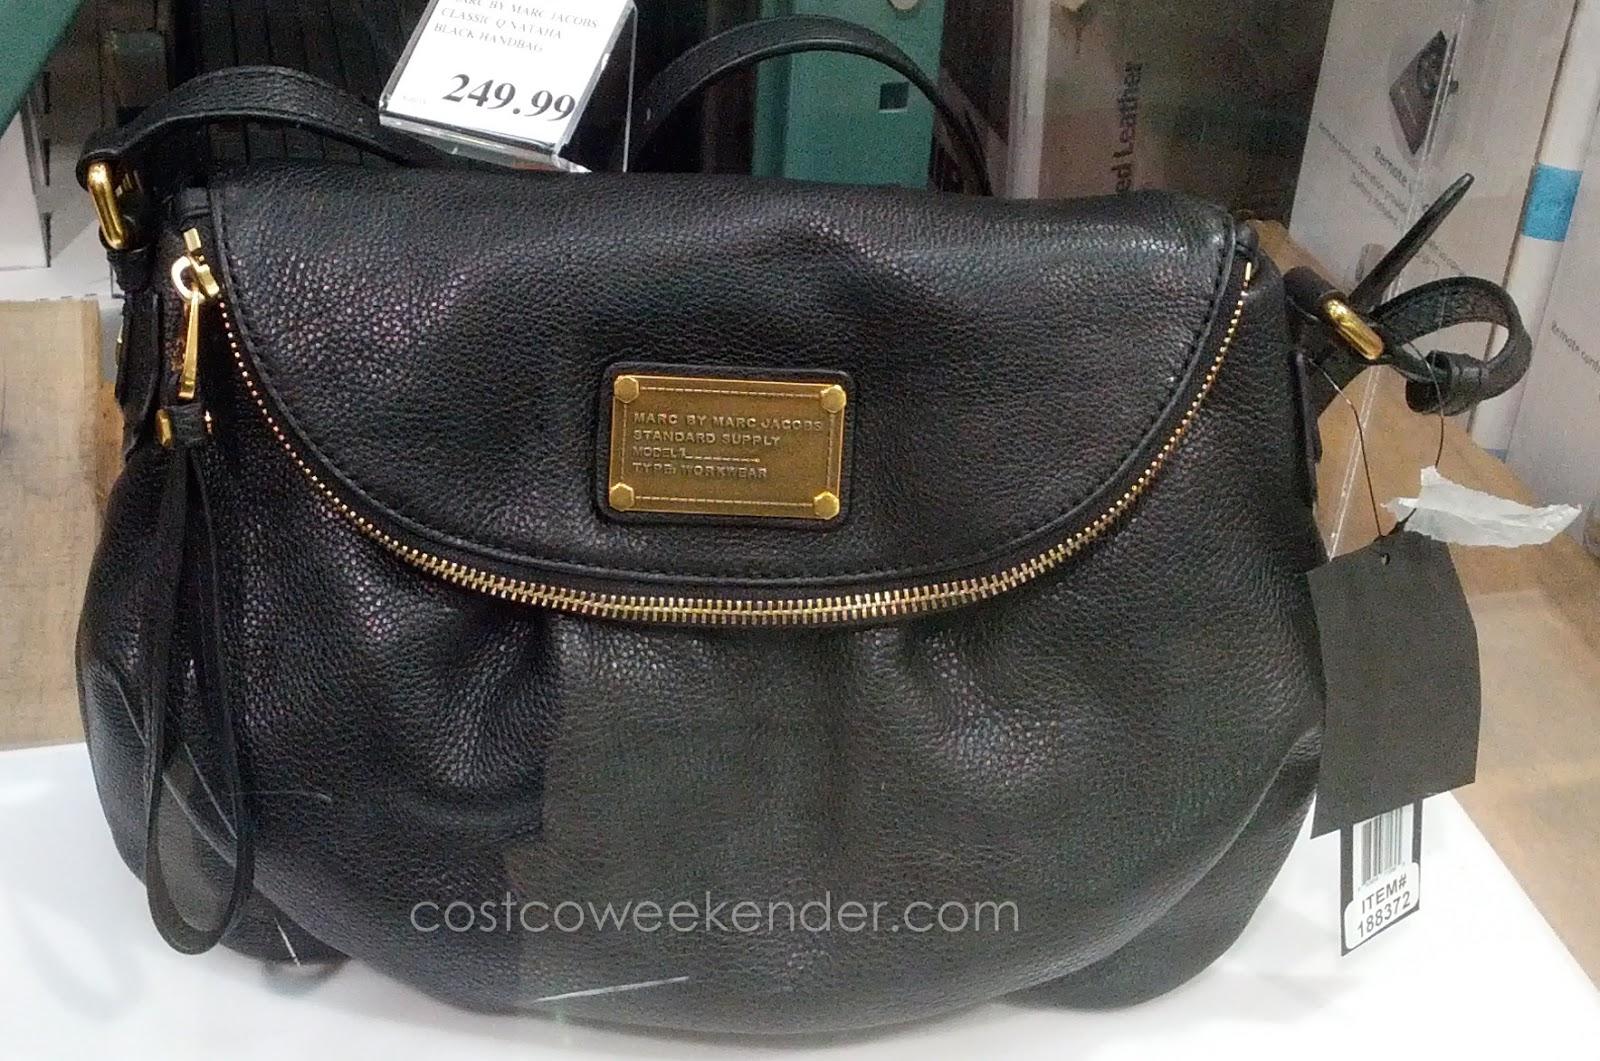 9e96b88b563c Marc By Marc Jacobs Classic Q Natasha Handbag for all occasion